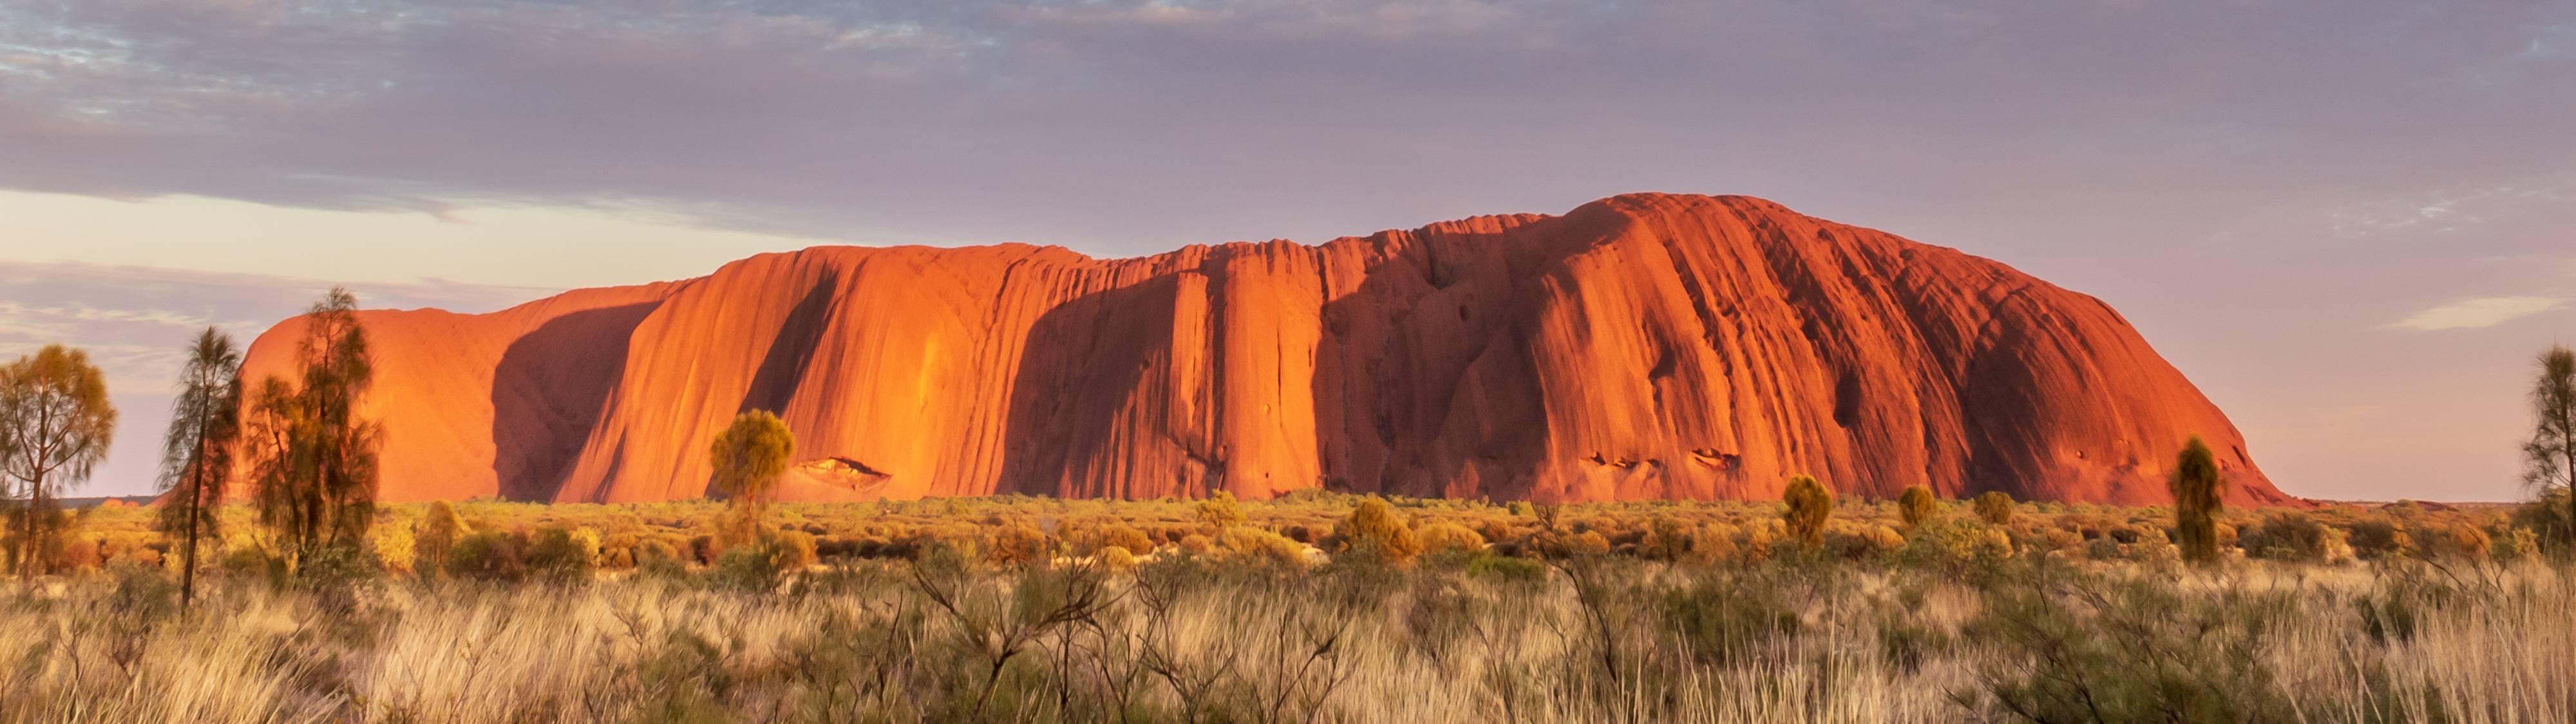 Reiseplaner World and Travel Australien